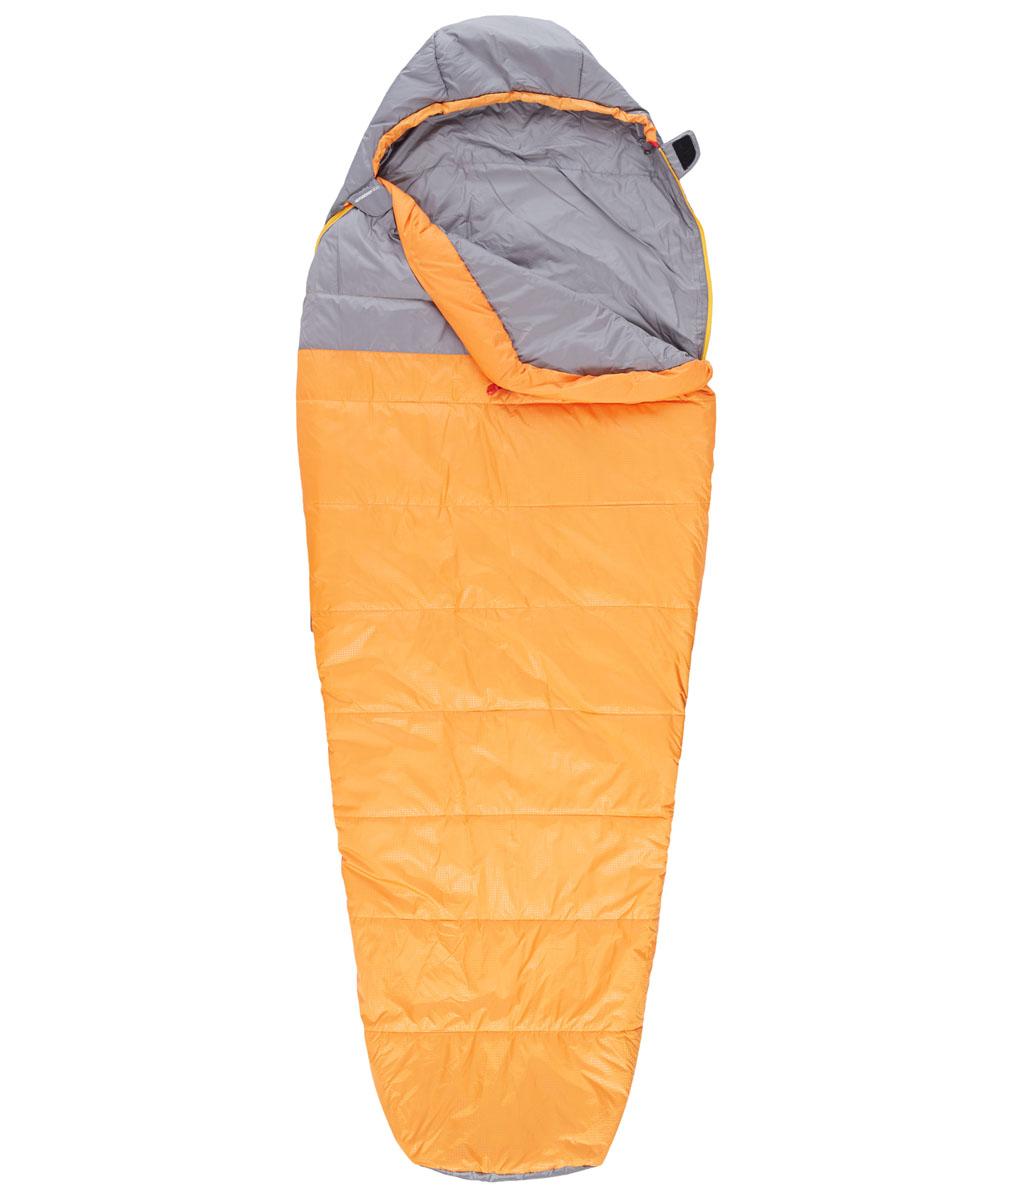 Спальный мешок The North Face Aleutian 35/2 , цвет: оранжевый. T0A3A4M5RLH LNGT0A3A4M5RLH LNG3-х сезонный спальный мешок для путешествий, который можно целиком расстегнуть и расстелить в палатке. Вместительный, универсальный, теплый и комфортный.